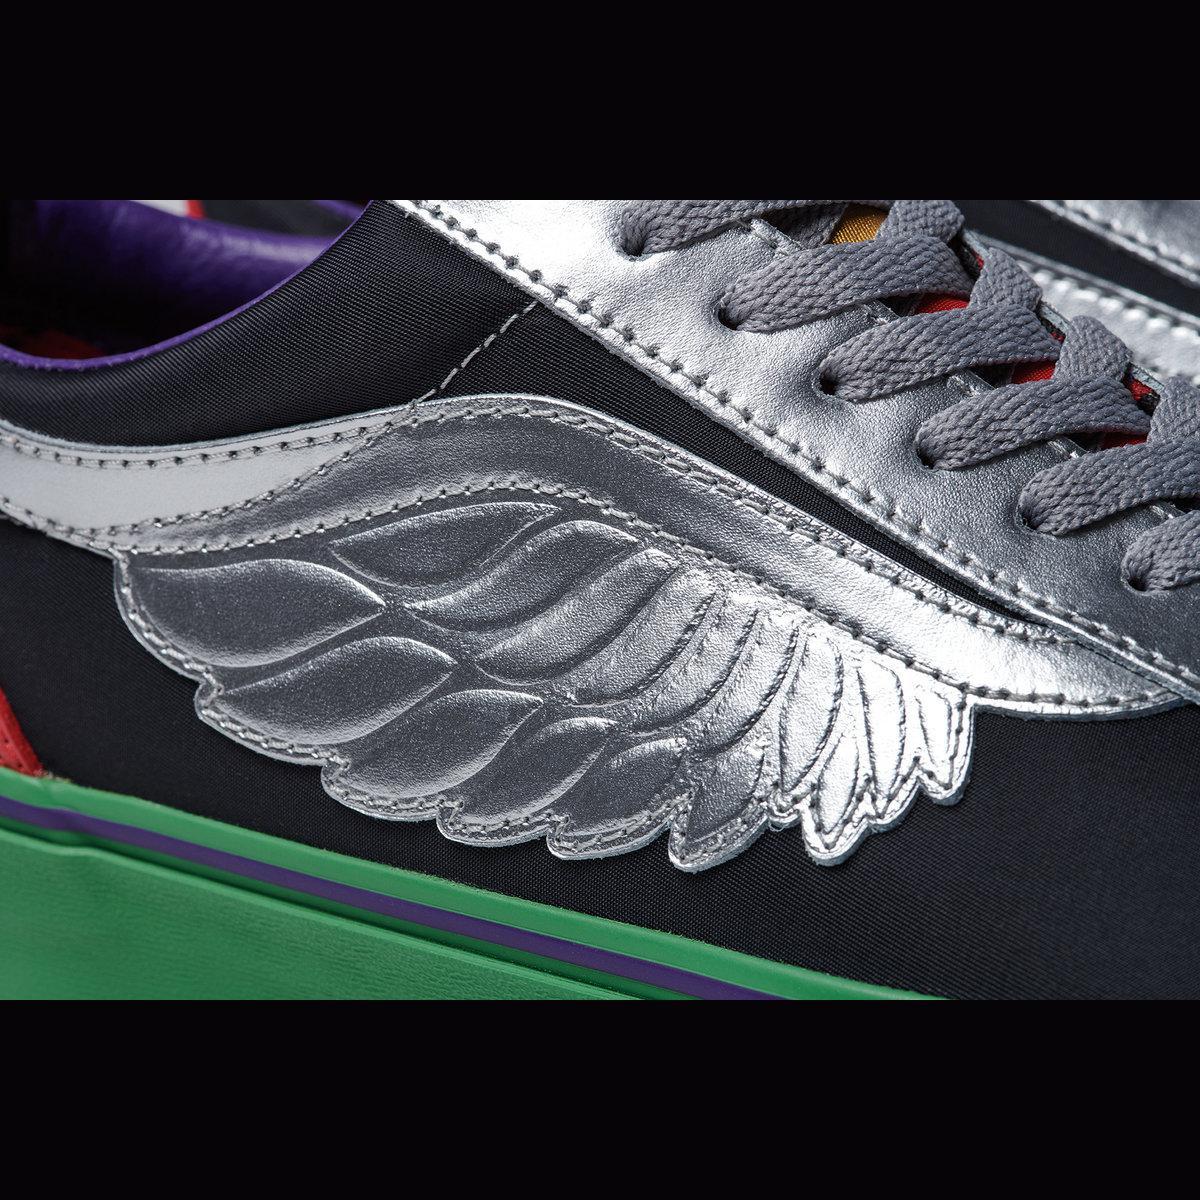 97faf9336b72 Lyst - Vans Old Skool Marvel Avengers Shoe for Men